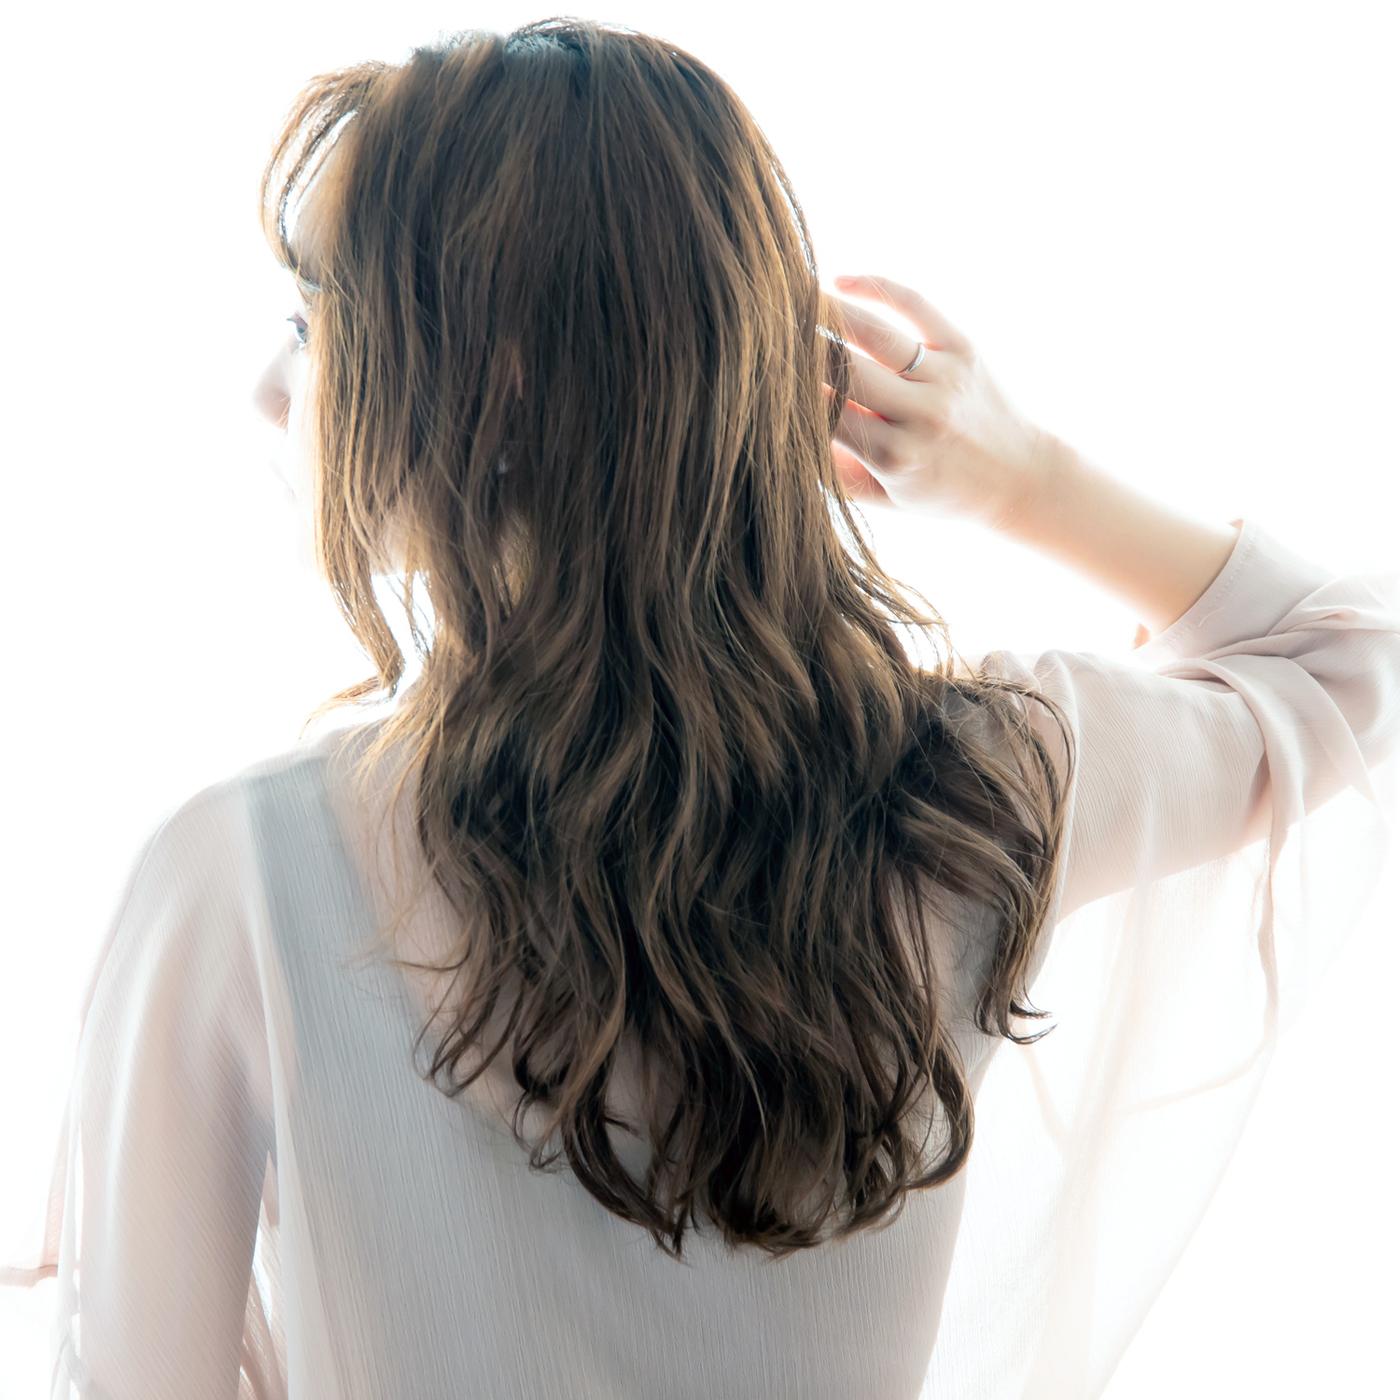 """代々木・新宿ラフリジーの【アディクシーカラー】で 夏のダメージをケアしながら外国人風・暗髪アッシュに♡   夏のダメージでキンキンになってしまった髪の『黄色味』や『オレンジ味』を抑えて """"上品"""" な秋の暗髪アッシュカラーにしたい!   そんな方には【アディクシーカラー】がおすすめ♪   日本人特有の髪の『赤み』や『黄色味』を抑えて """"透明感""""や上品な""""深み""""を演出できる【アディクシーカラー】なら   トレンドのくせ毛風ウィーブとの相性もバッチリな """"透明感""""と""""抜け感""""のある、上品な秋のグレージュカラーを楽しめます♪   【アディクシーカラー】で 暗いけど重くない、上品な秋のアッシュブラウンを先取りしましょー♪    #スーパーロング #四角顔 #ロング #グレージュ #ブルージュ #オリージュ #カーキ #カーキアッシュ #アッシュ #アッシュベージュ #ベージュ #アディクシー #イルミナ #アディクシーカラー #イルミナカラー #エヌドット #エヌドットカラー #透明感カラー #外国人風 #外国人風カラー #カジュアル #ストリート #代々木 #新宿 #北参道 #ラフリジー #シースルーバング"""